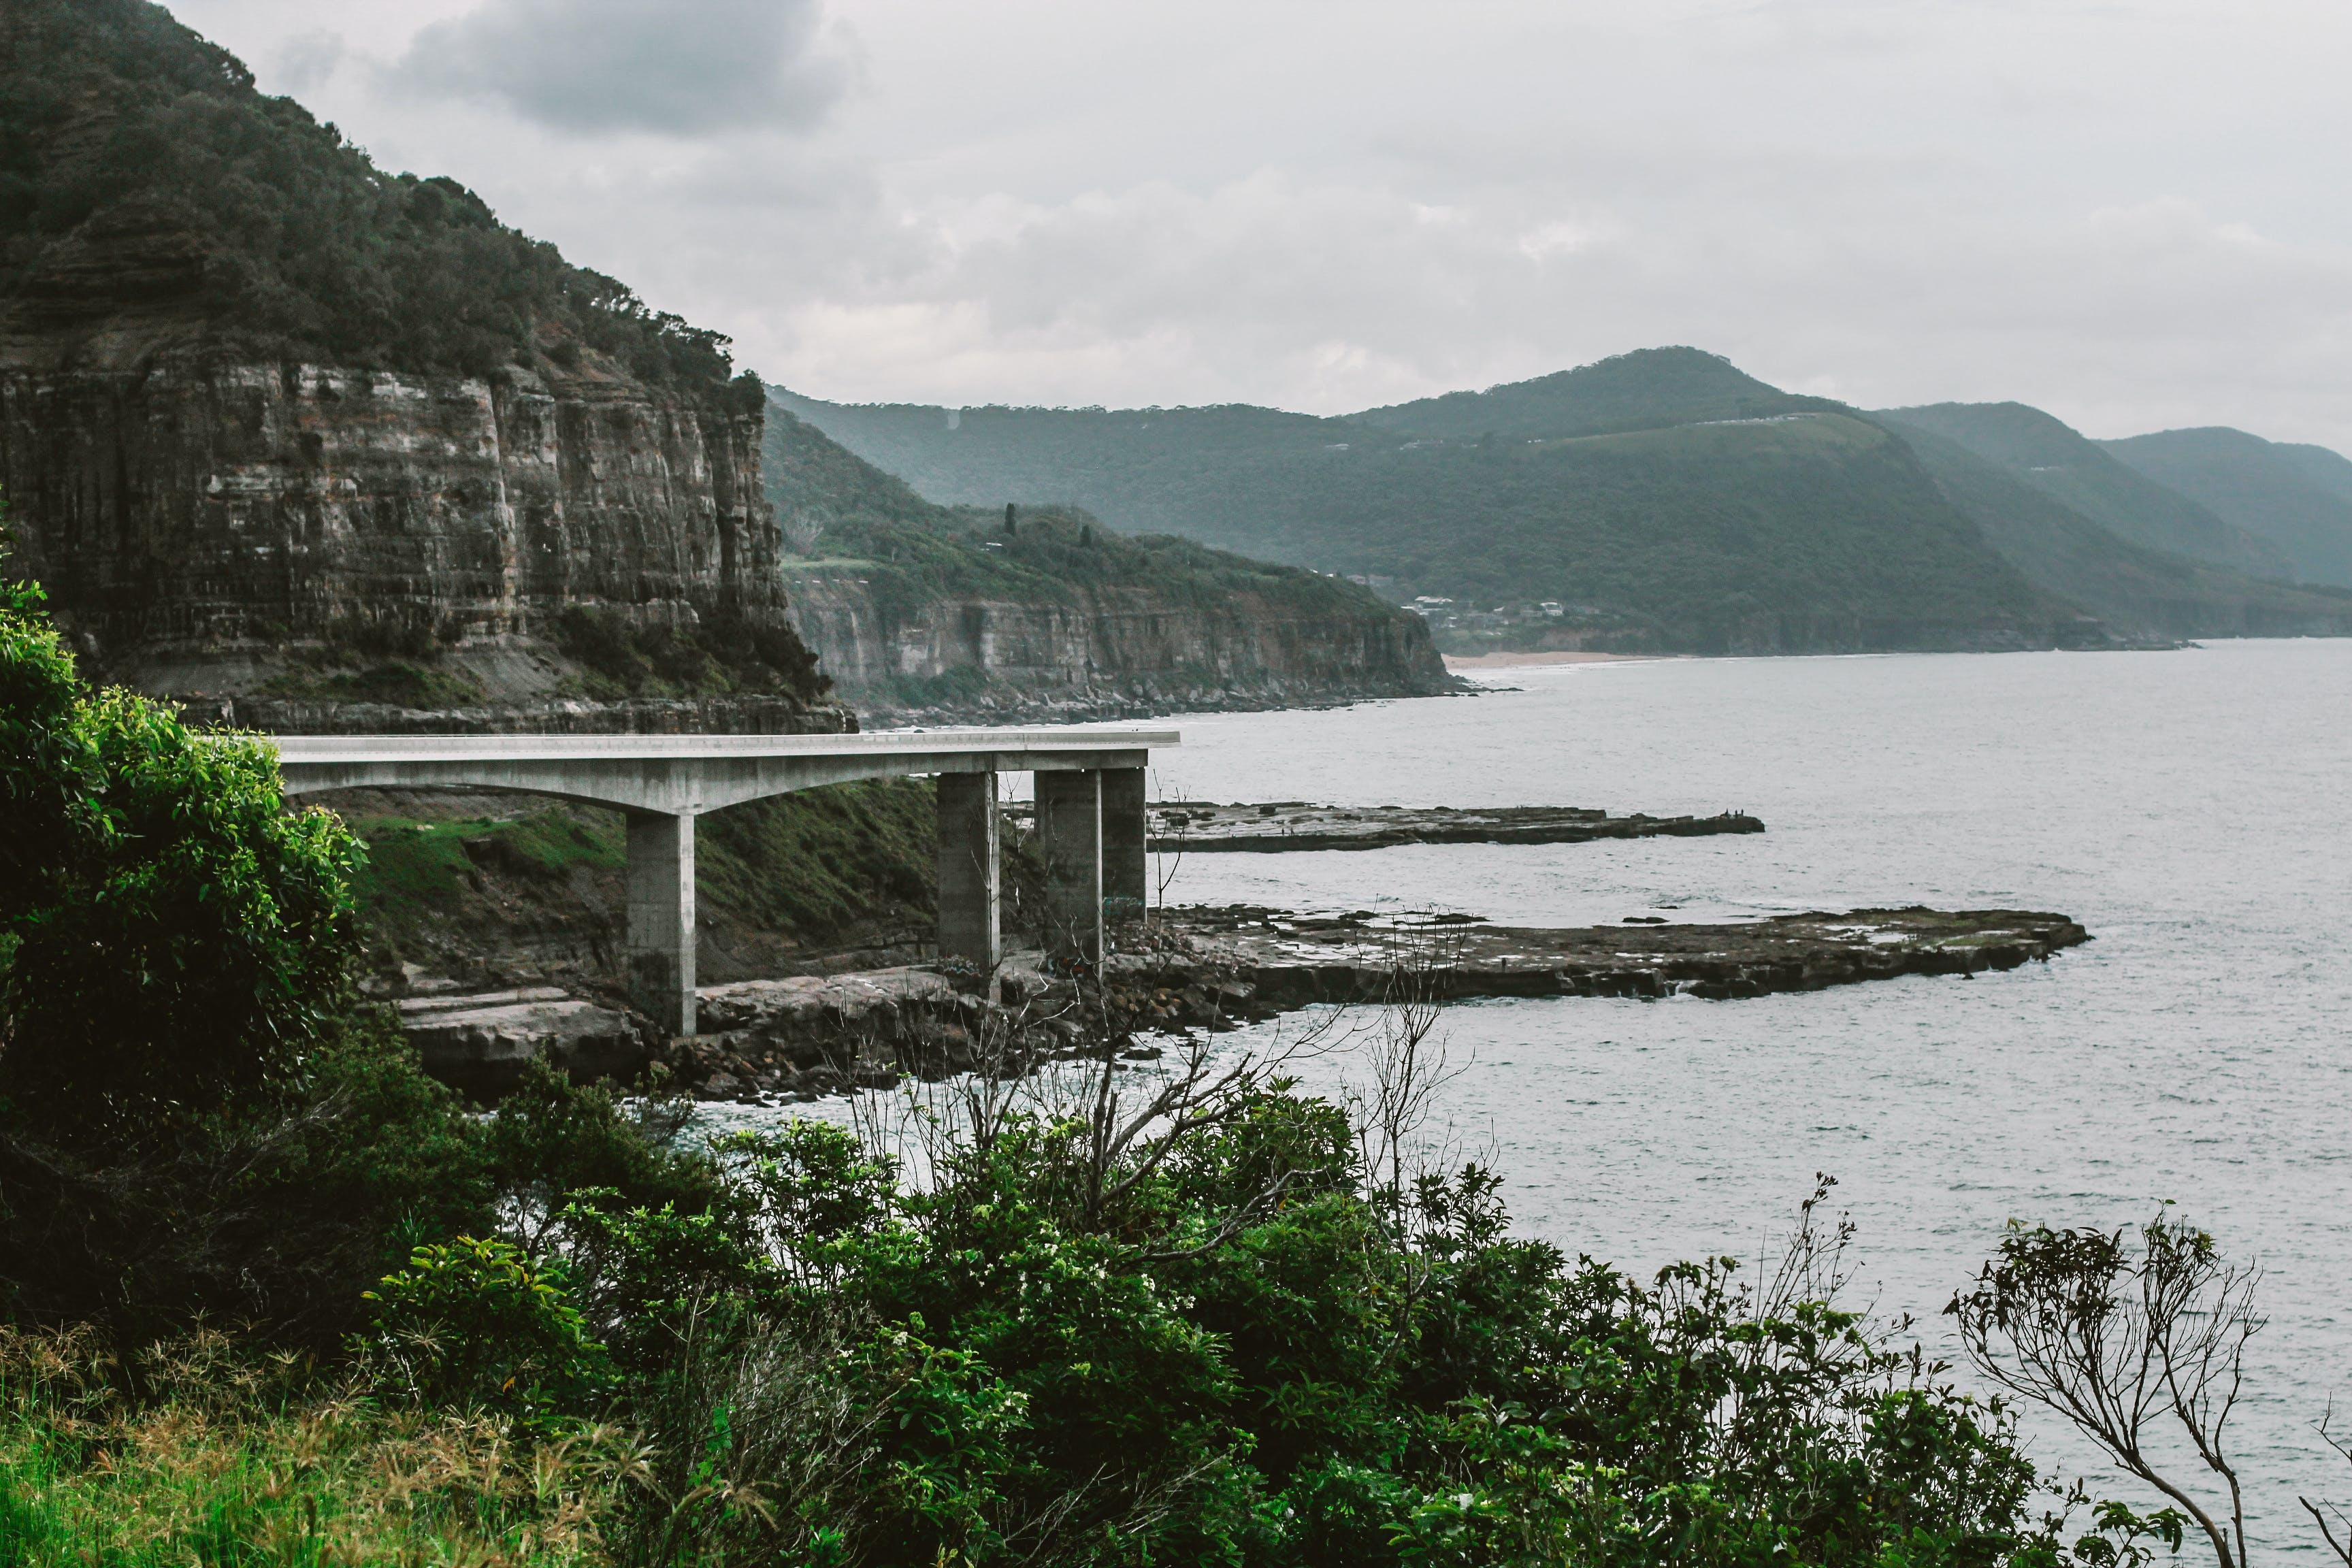 Concrete Bridge Near Mountain Above Shoreline Under Cloudy Sky